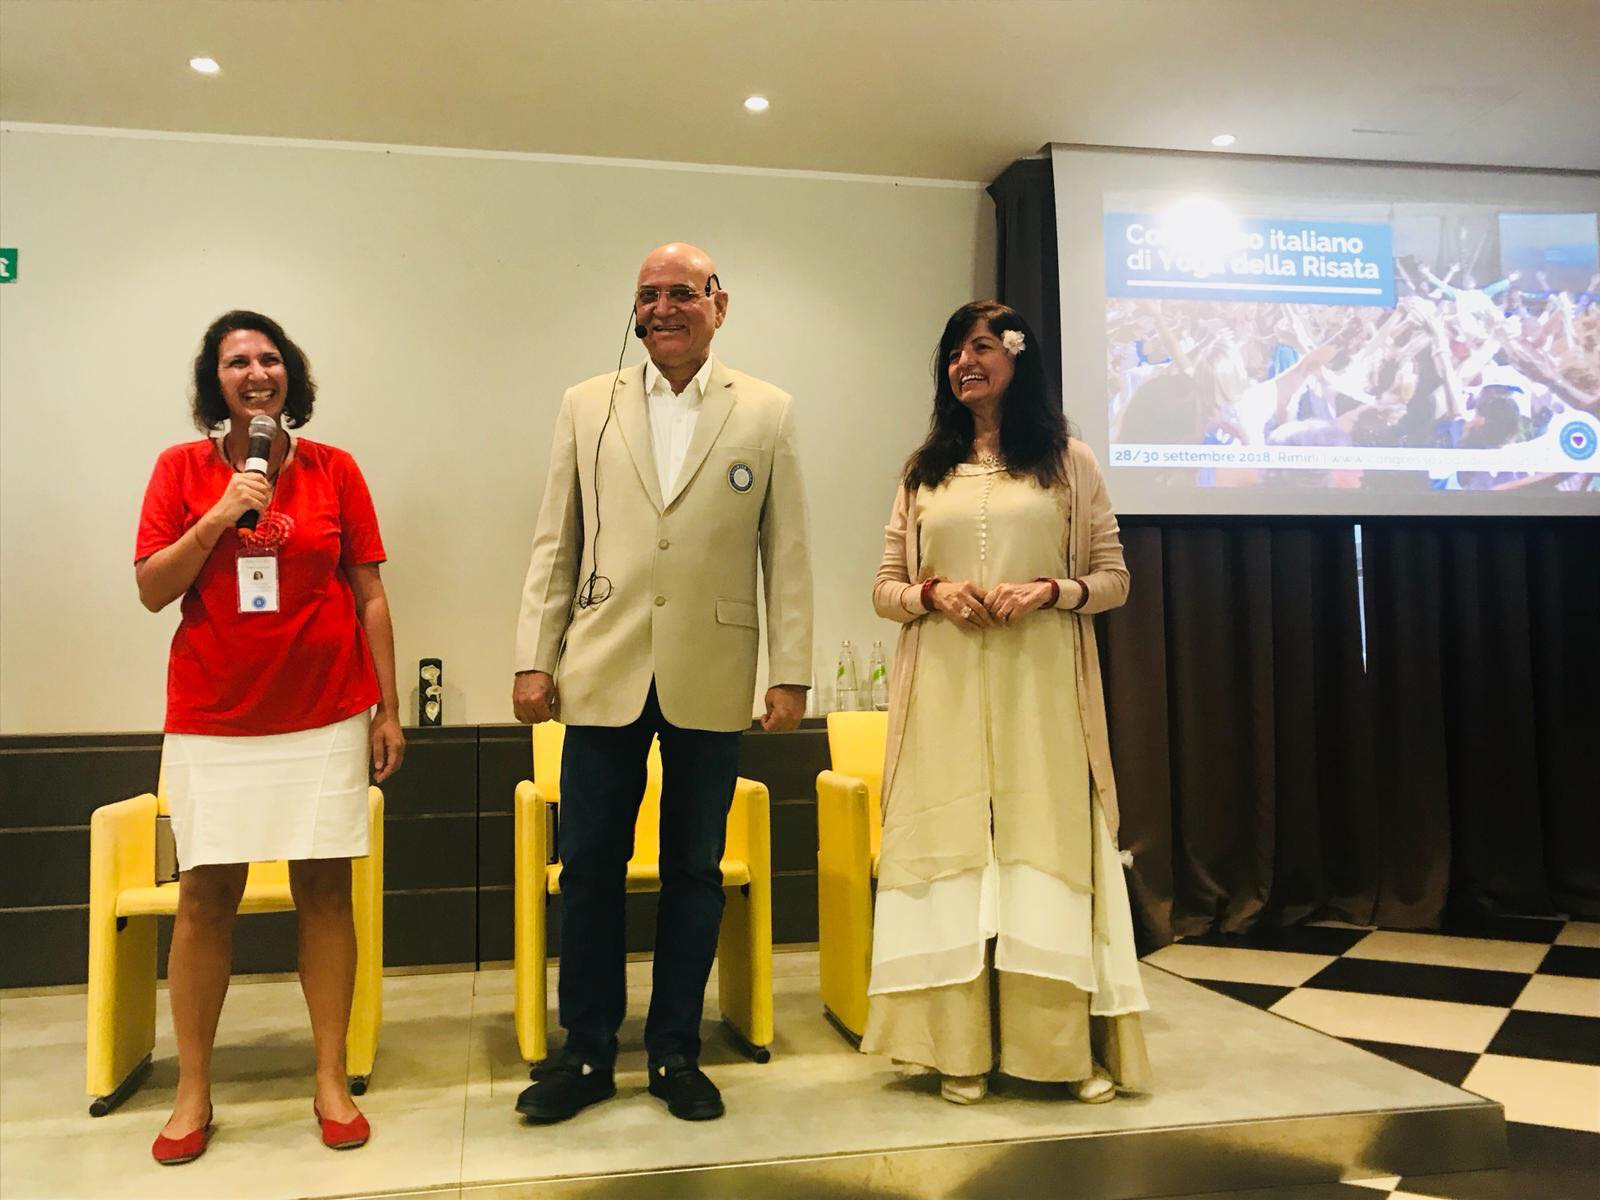 Lara lucaccioni con Madan e Madhuri Kataria al Congresso di Yoga della Risata 2018